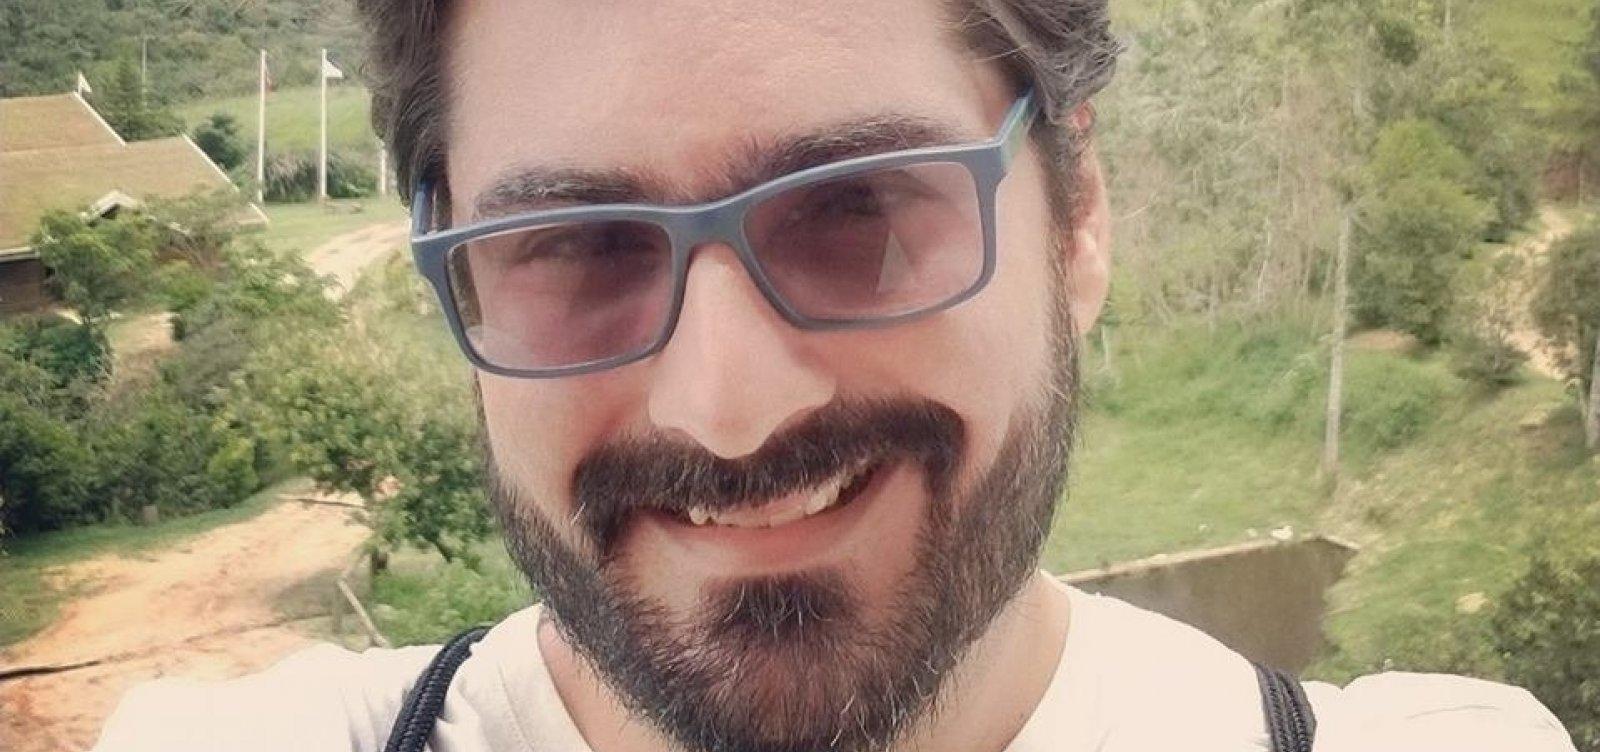 Morre professor baleado em tentativa de assalto no Rio Vermelho